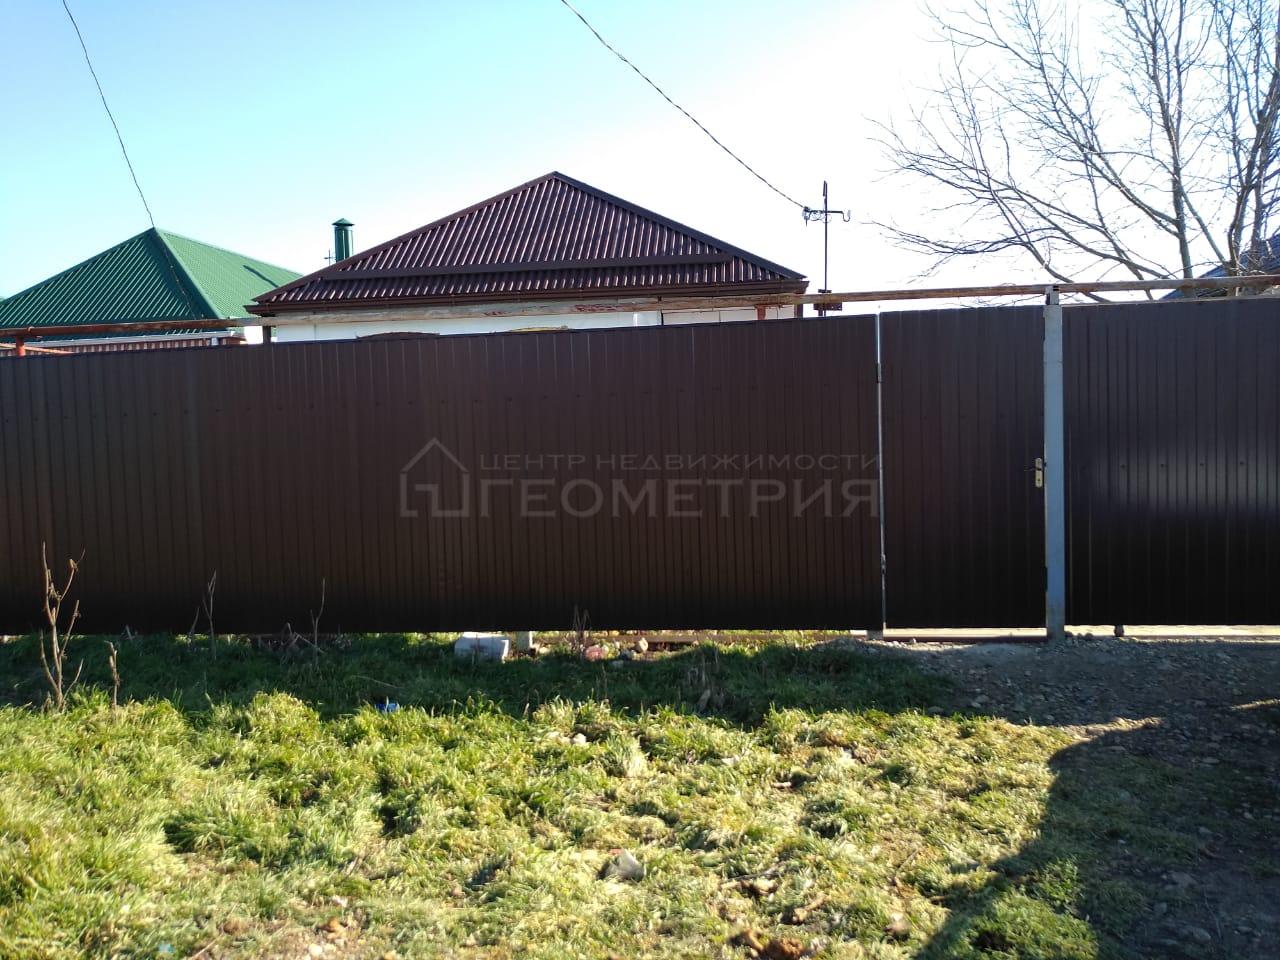 Продам дом по адресу Россия, Краснодарский край, Динской район, Новотитаровская фото 11 по выгодной цене